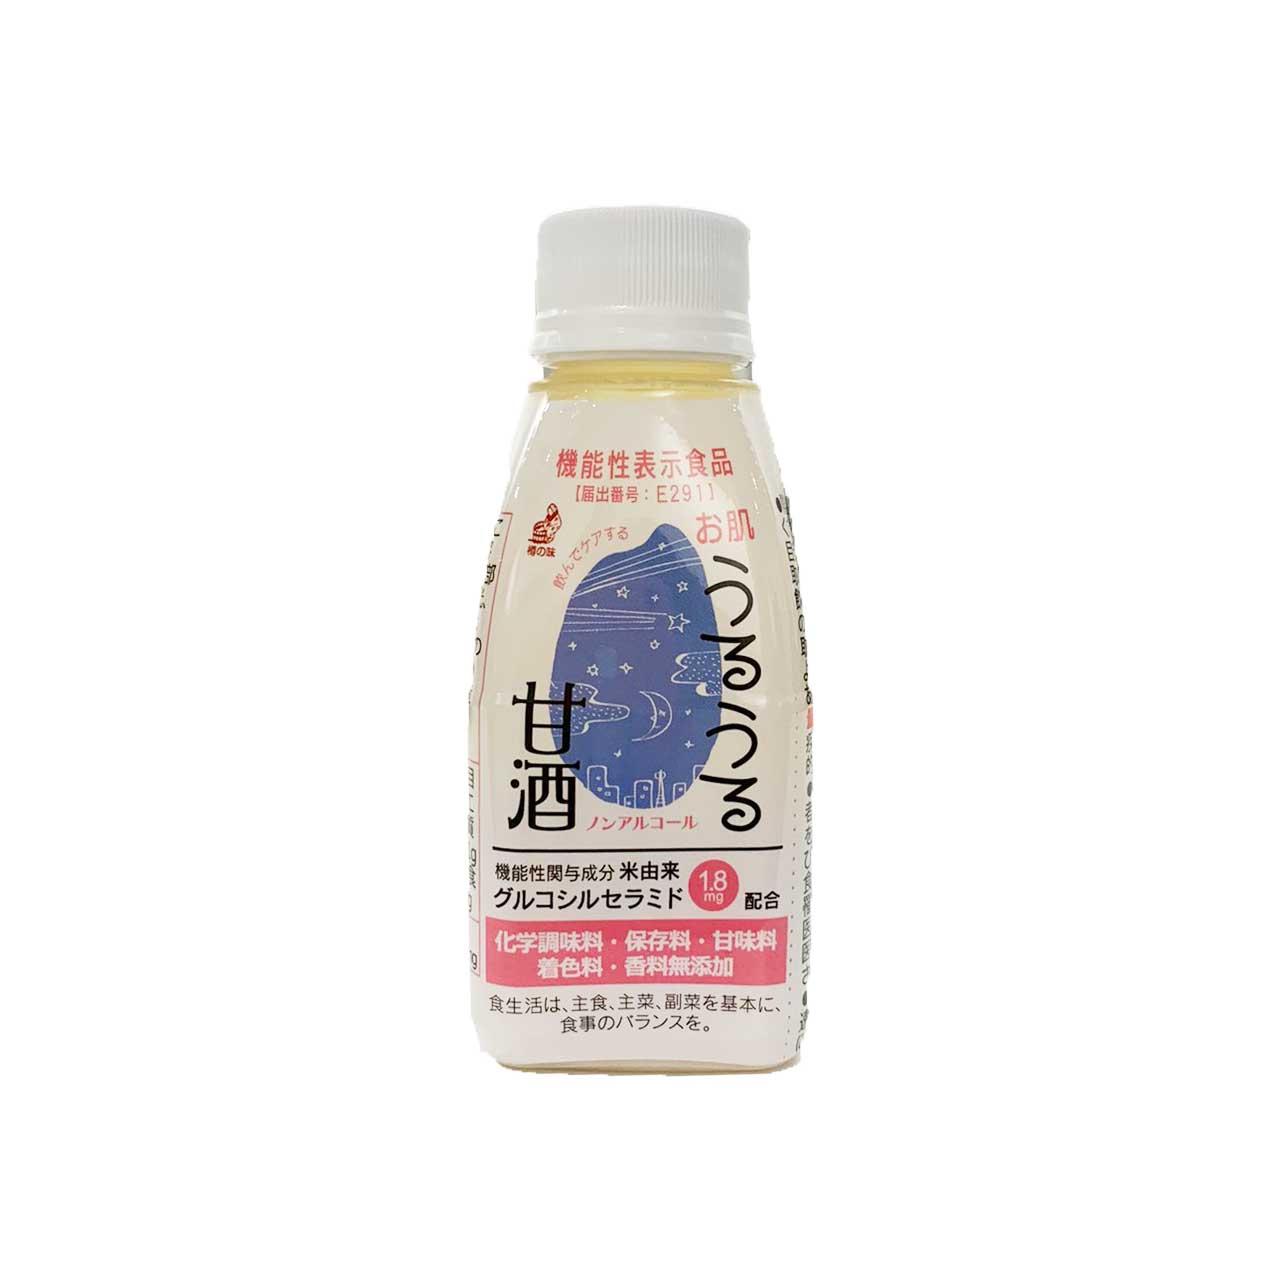 お肌うるうる 米こうじ甘酒 150g すっくり飲み切り! ノンアルコール お米由来グルコシルセラミド配合